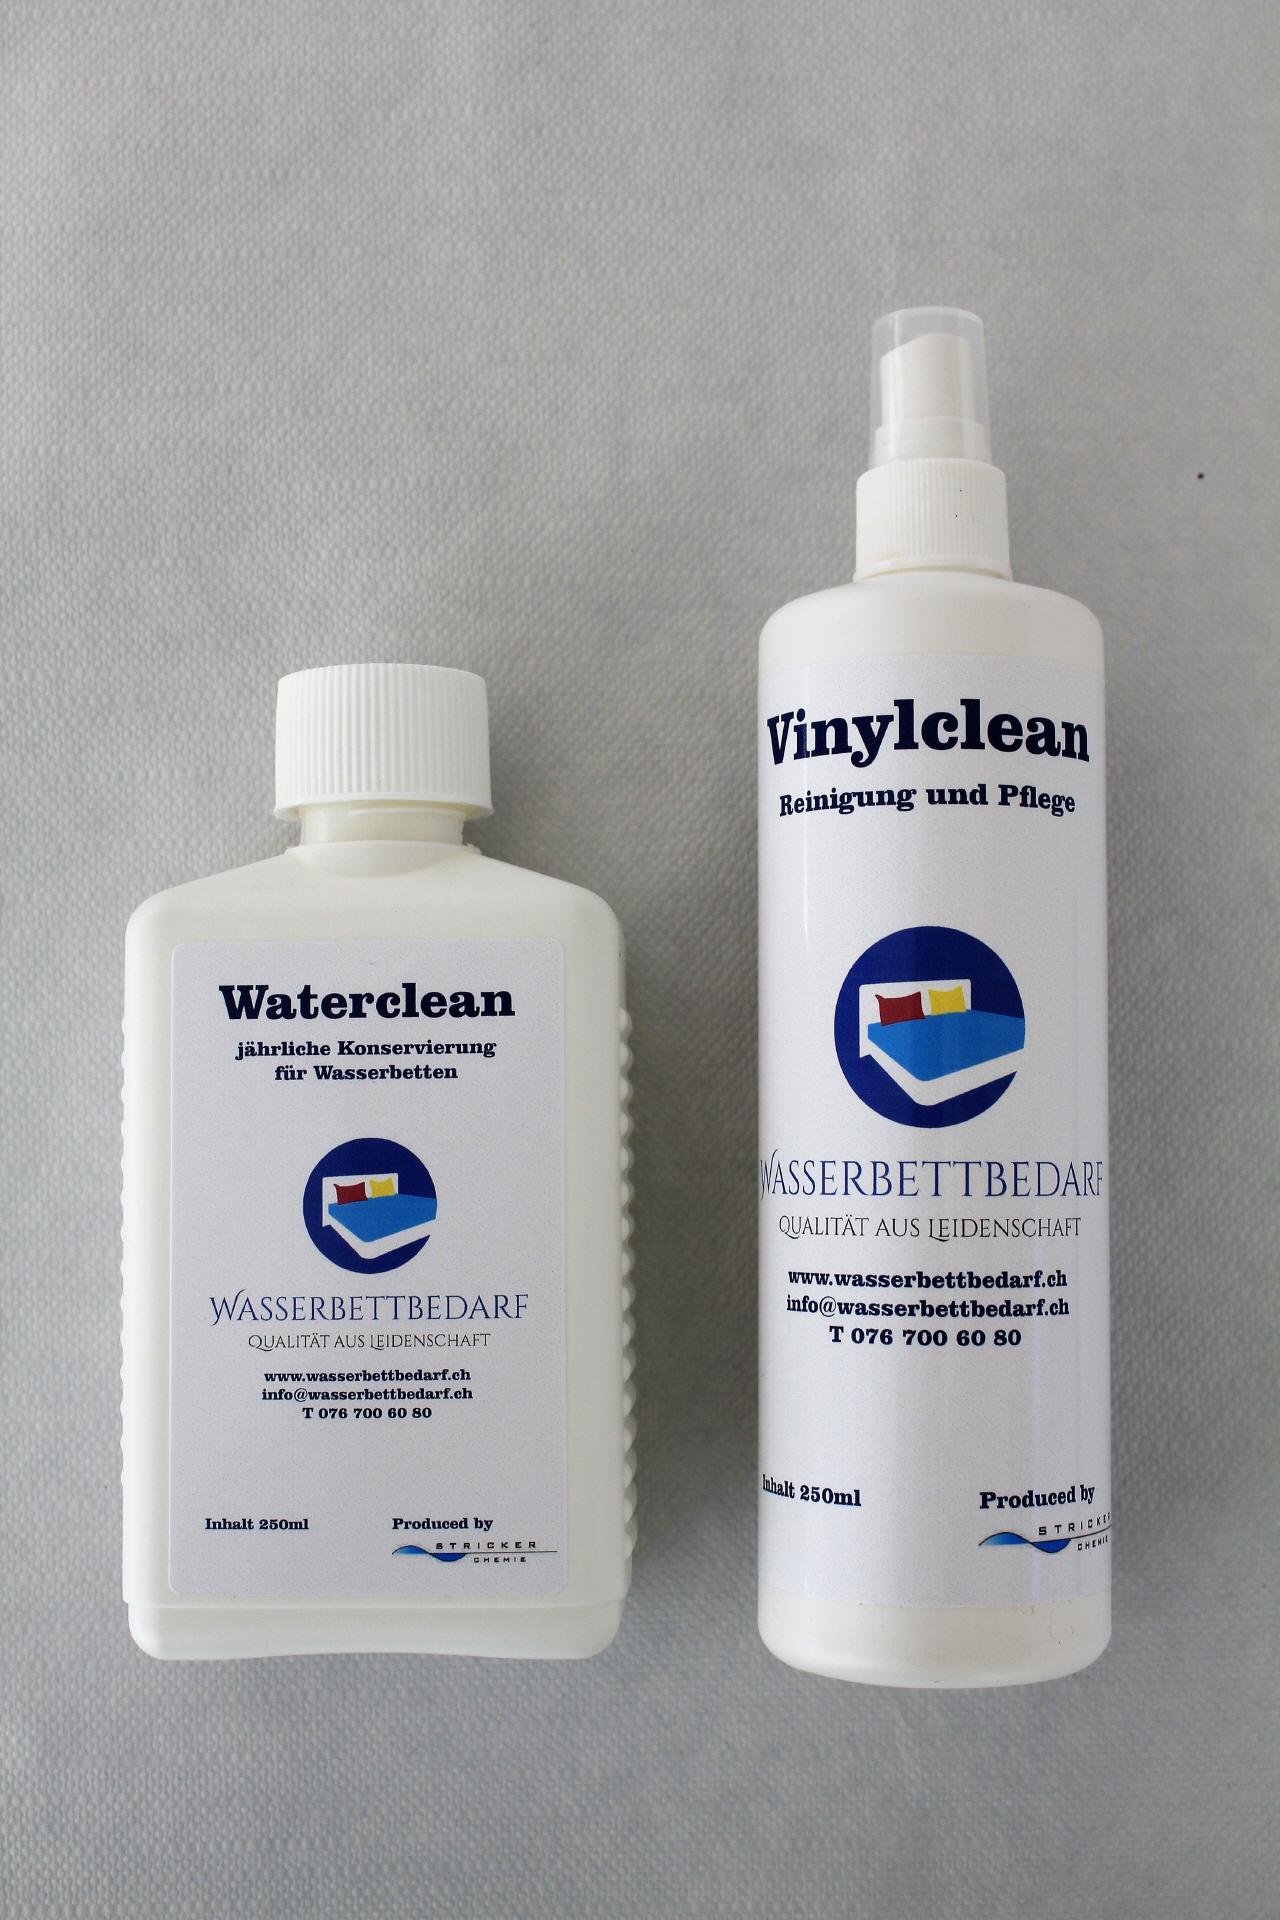 Verzauberkunst Wasserbettbedarf Referenz Von 1 Waterclean + 1 Vinylclean Pumpzerstäuber